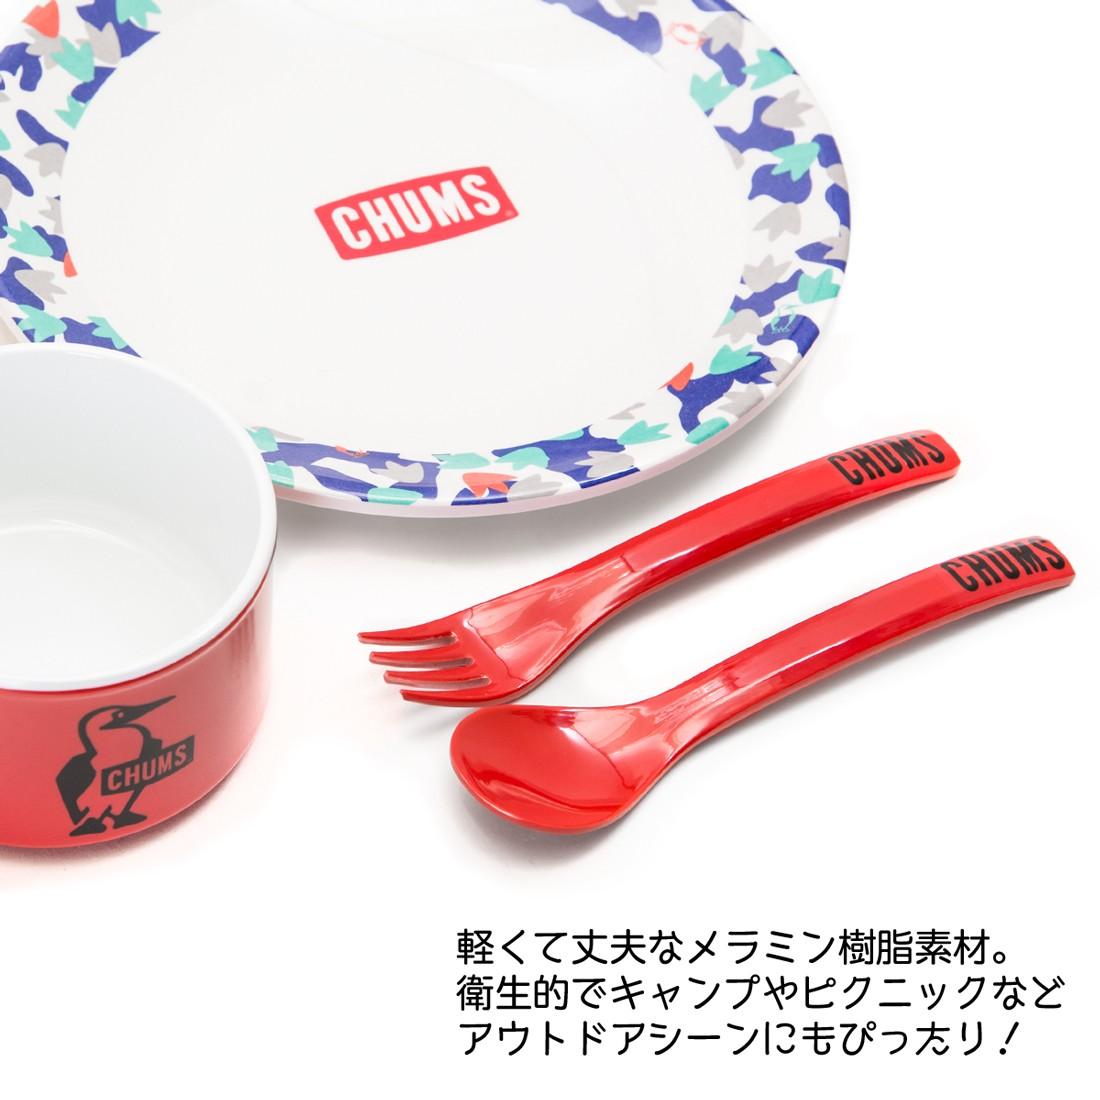 CHUMS Boat Logo Cutlery Set